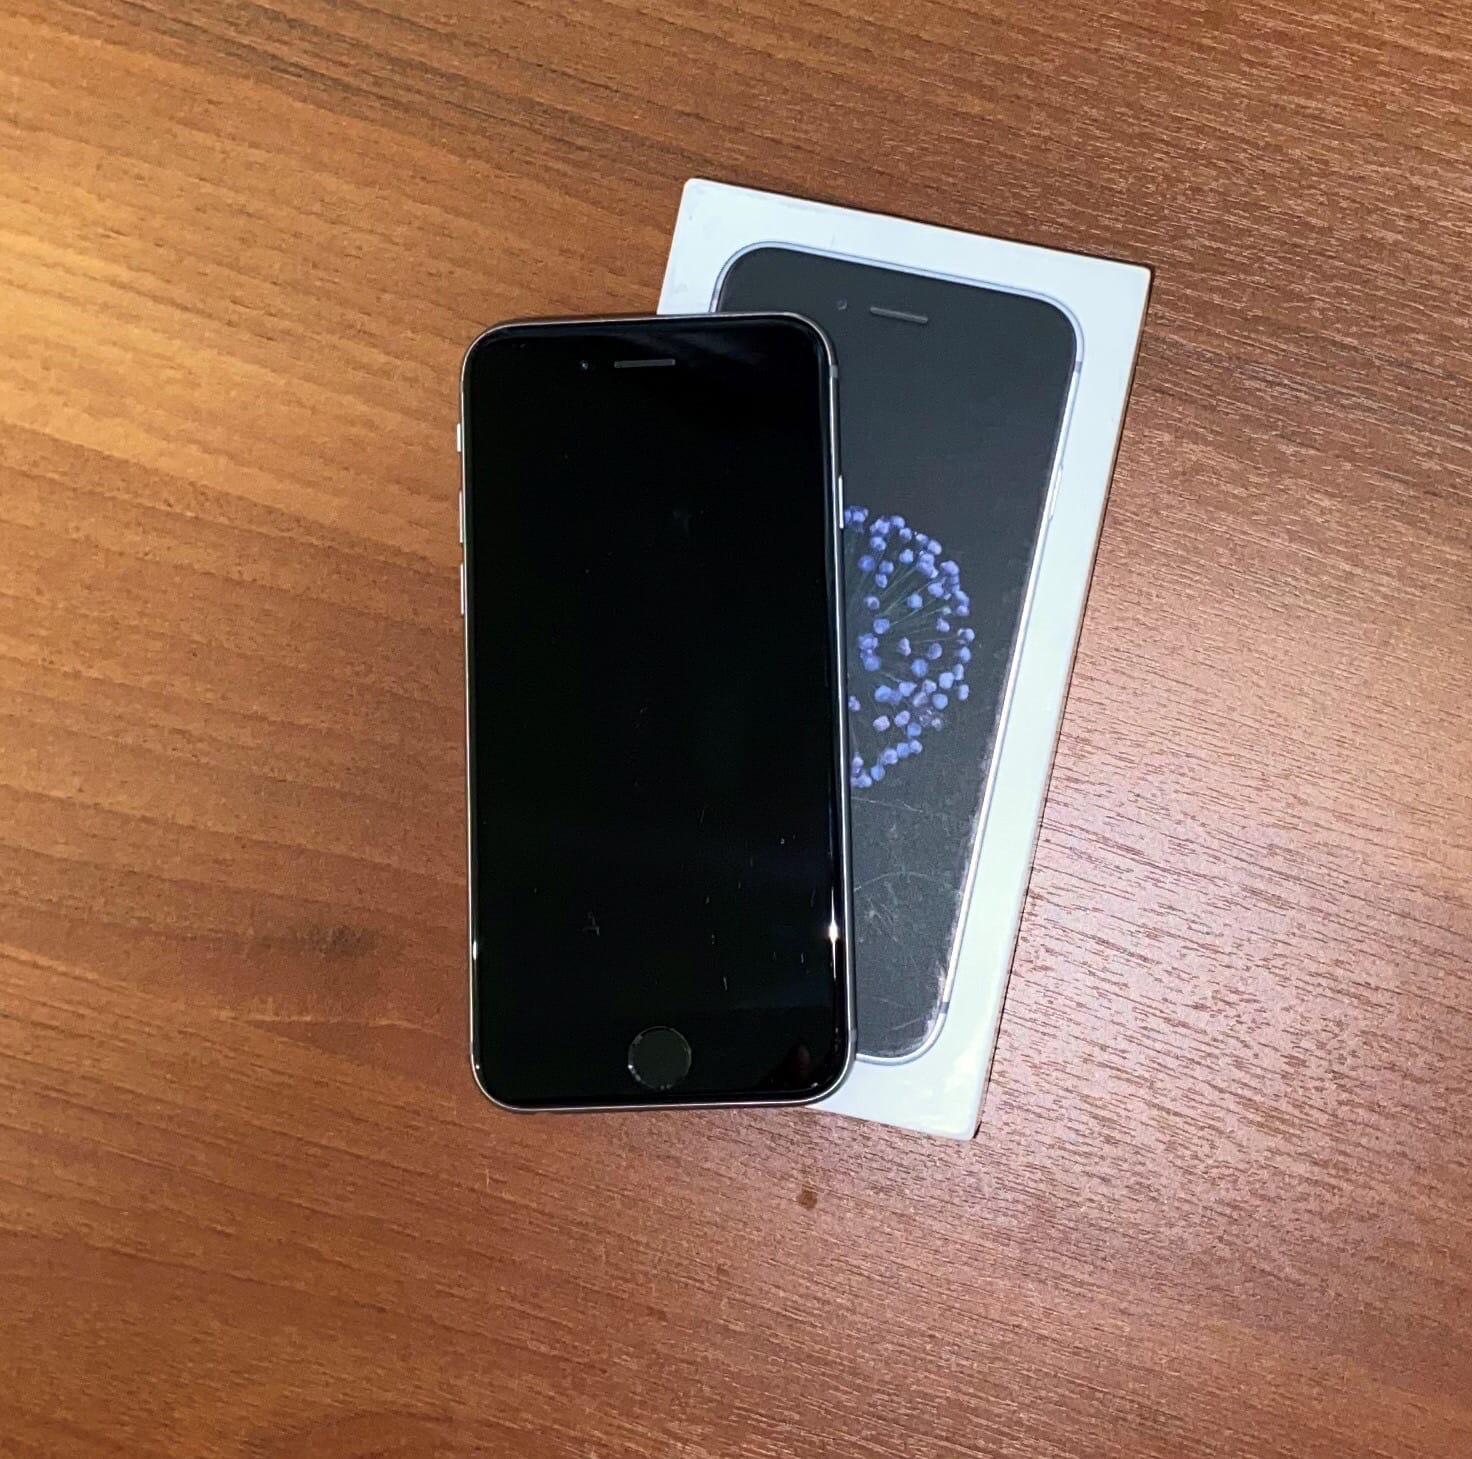 Купить iPhone 6 16GB в отличном состоянии, | Объявления Орска и Новотроицка №3084